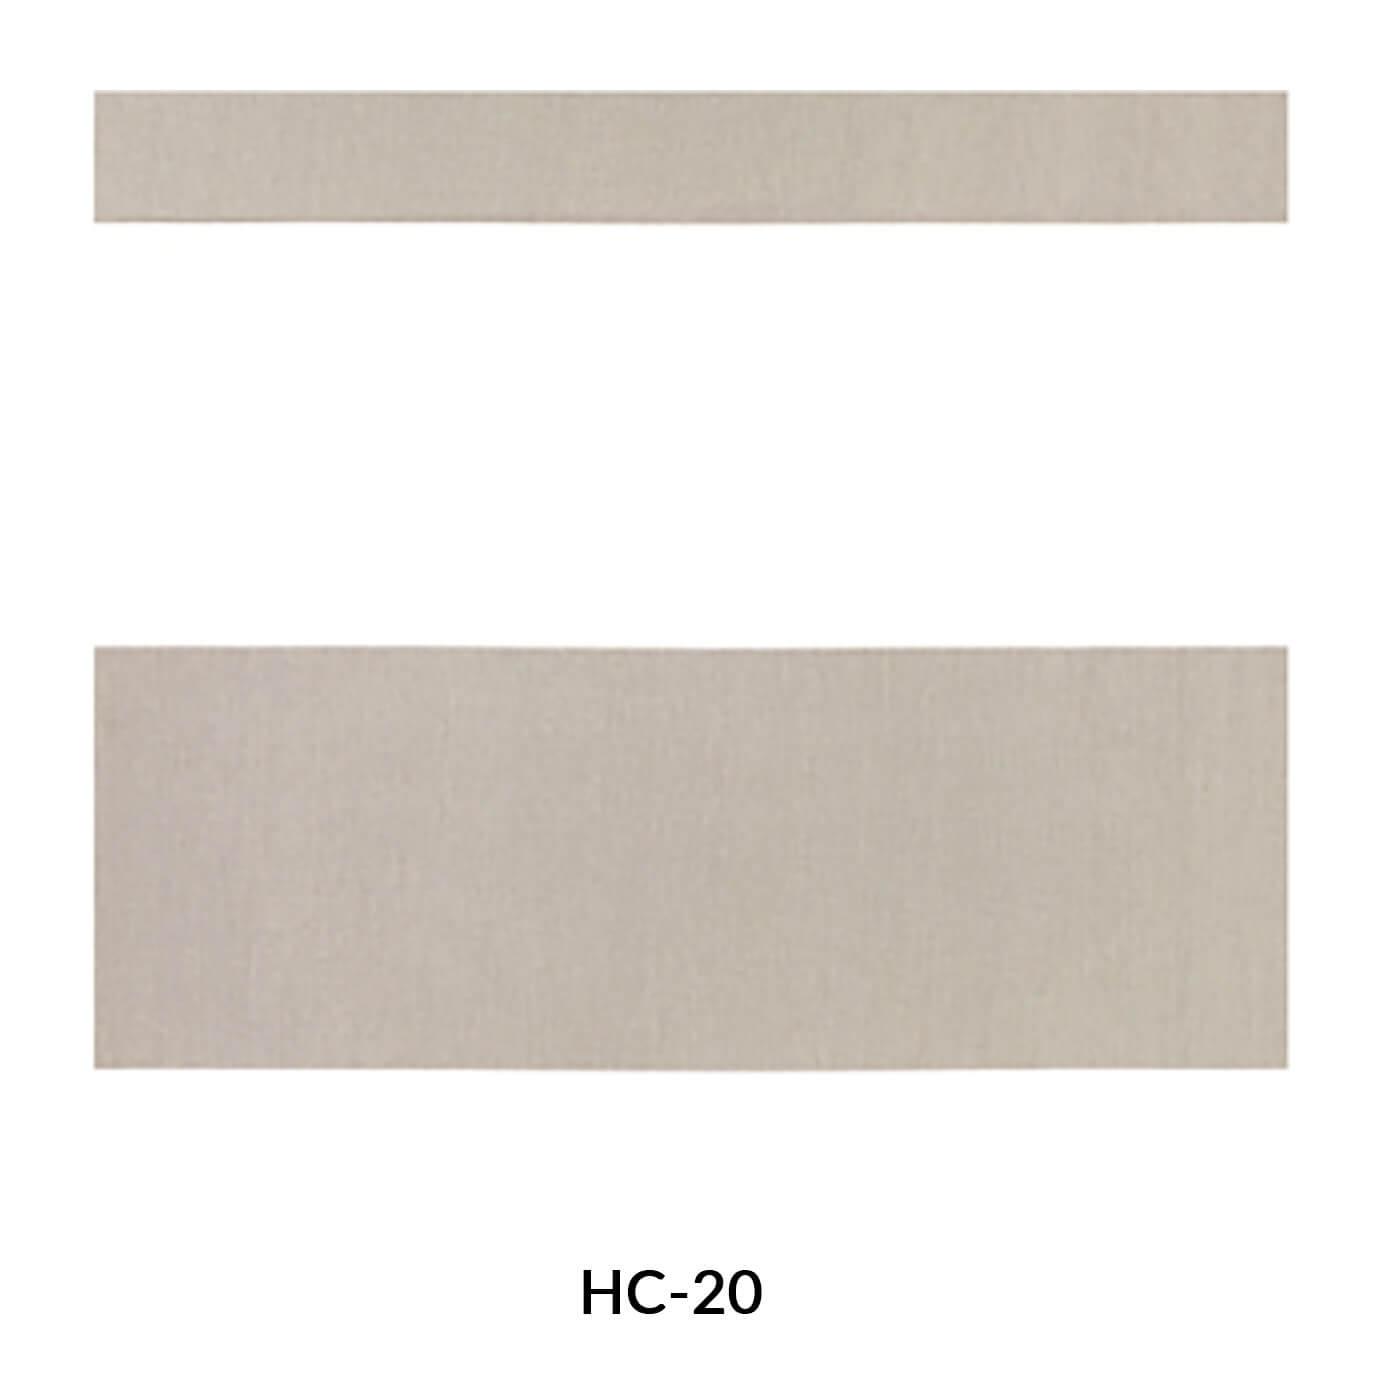 hc20.jpg